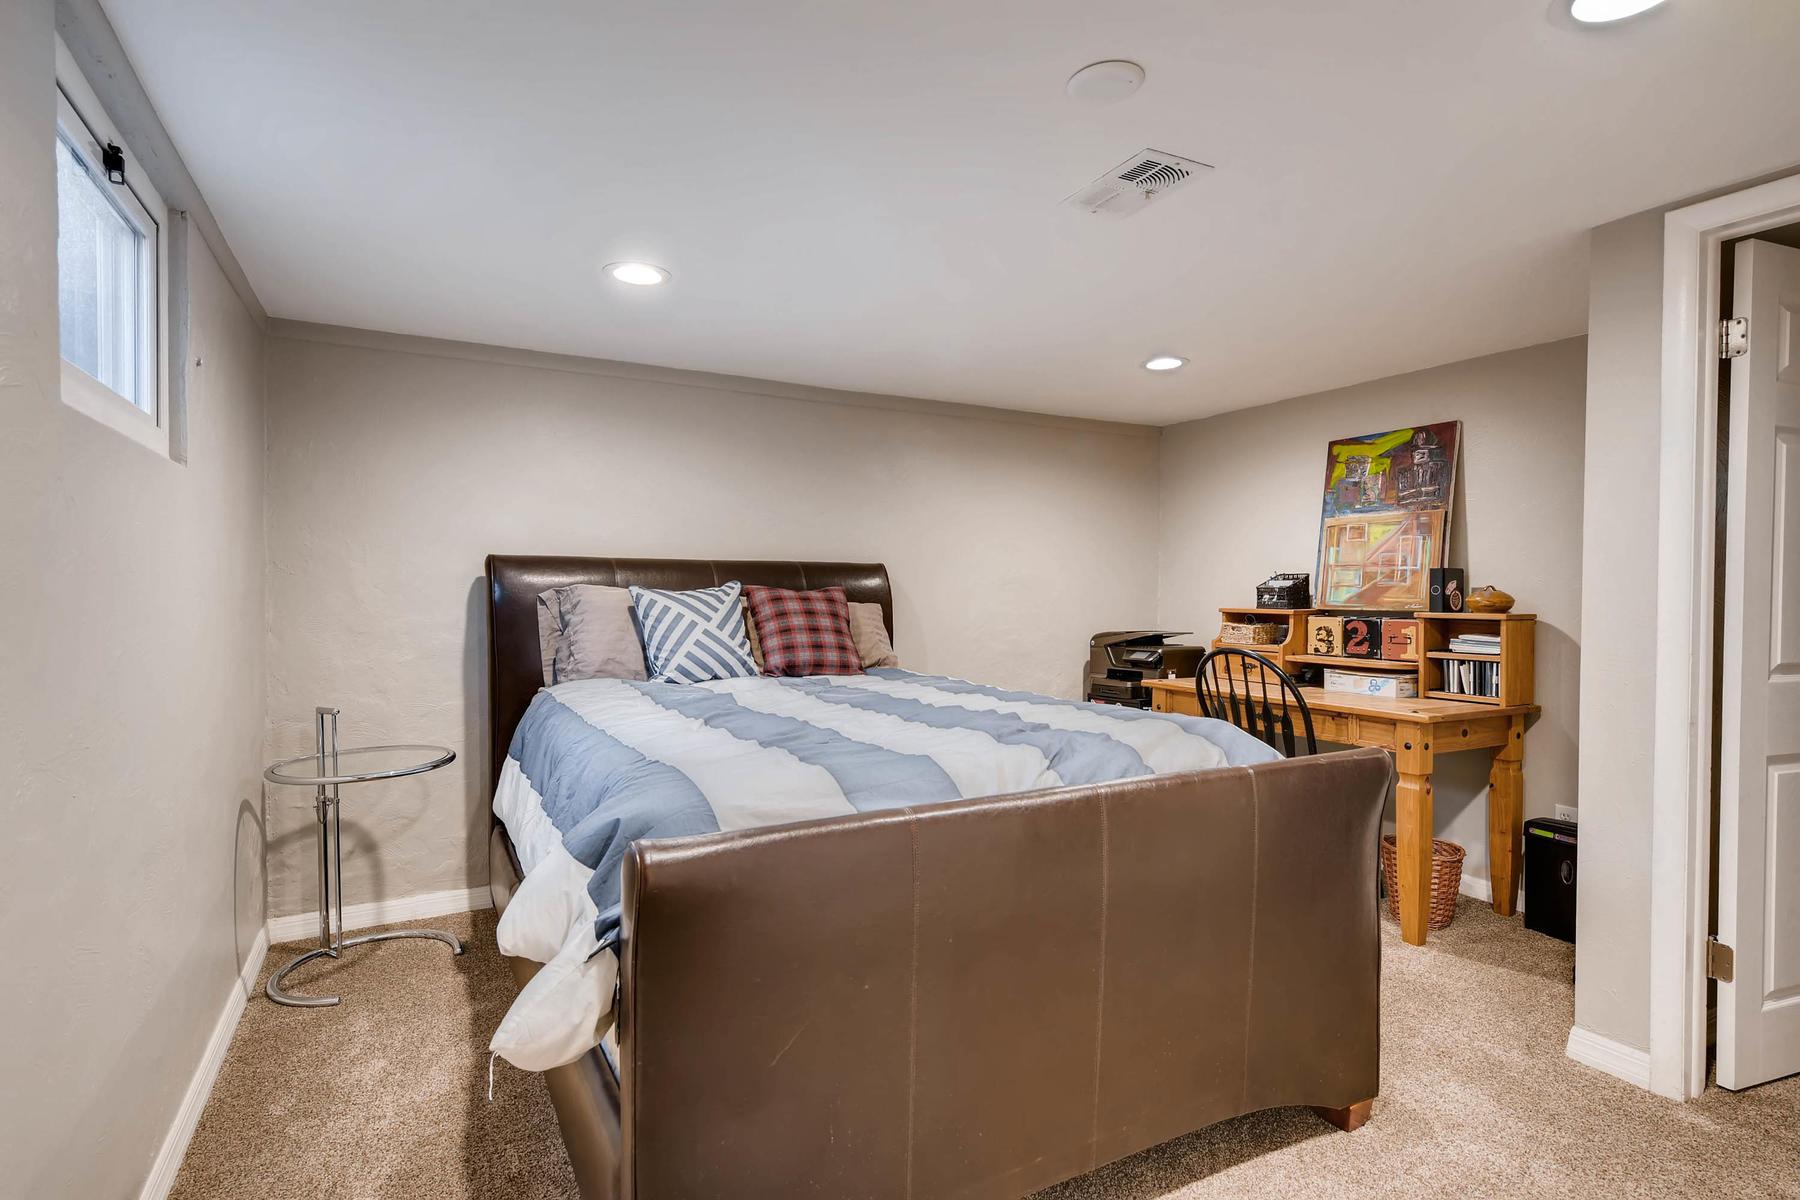 6676 S Kit Carson St-MLS_Size-022-13-Lower Level Bedroom-1800x1200-72dpi.jpg